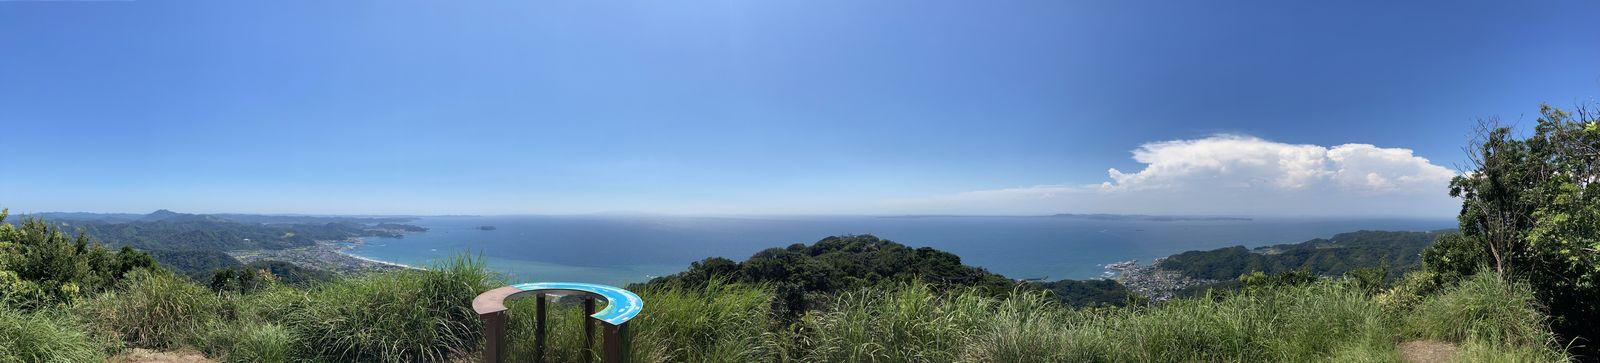 鋸山 東京湾を望む展望台(地球が丸く見える展望台)